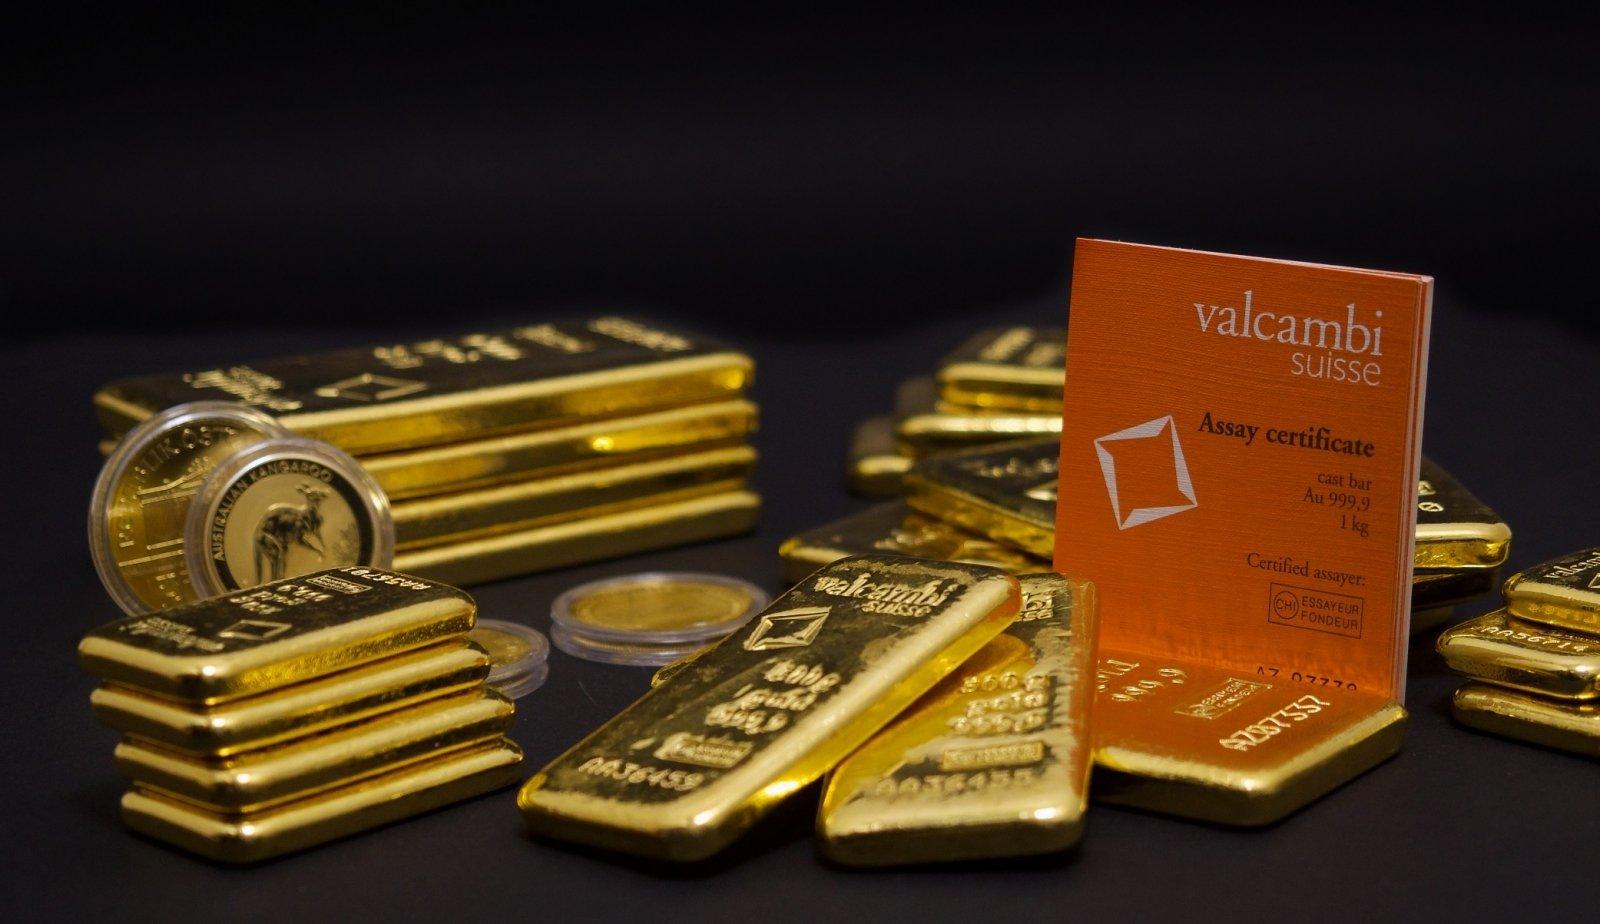 prekybos auksu galimybės)